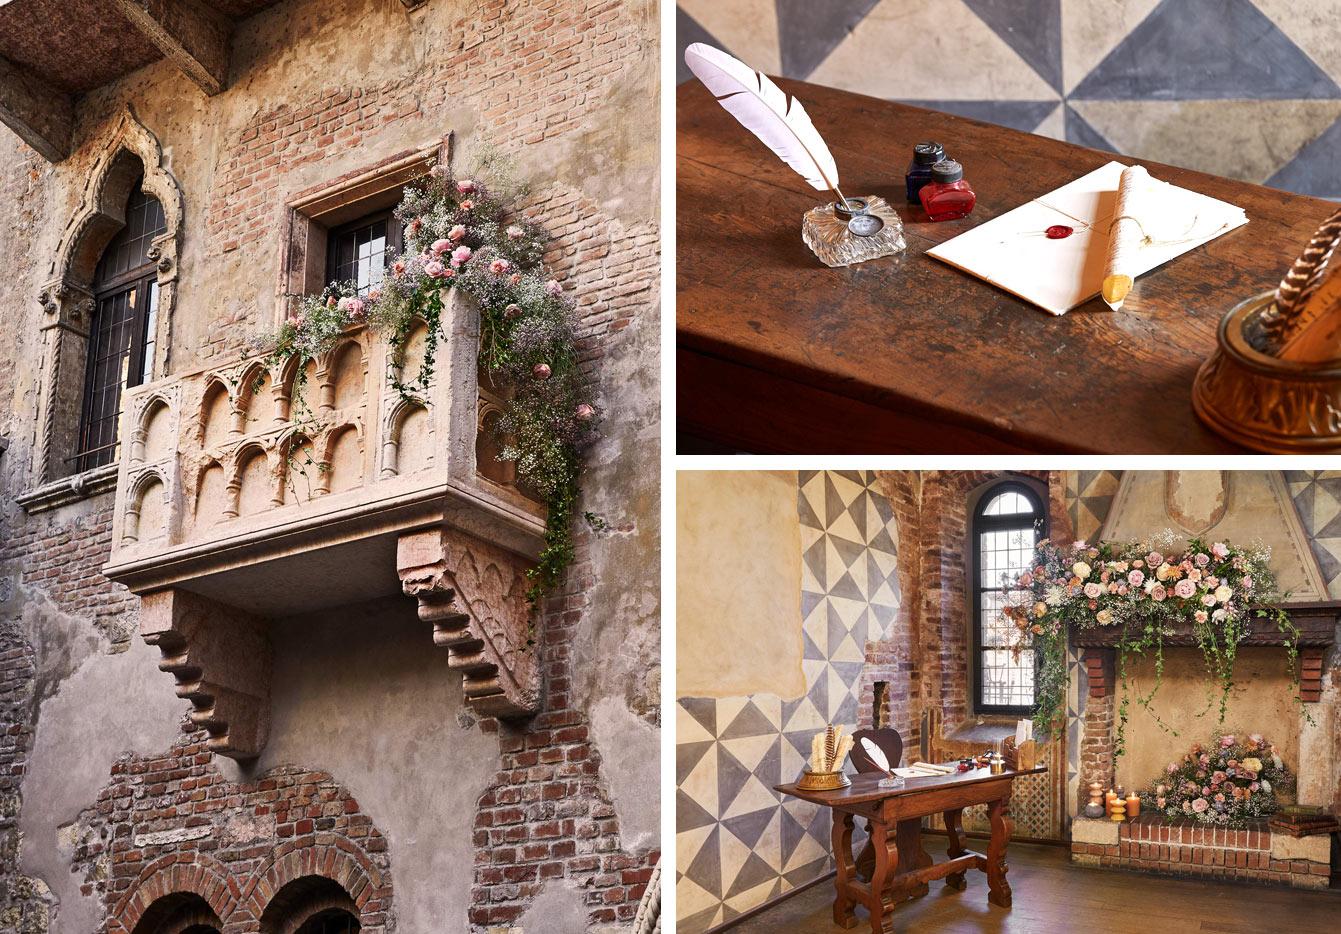 Romeo et Juliette, airbnb, Vérone, Saint-Valentin